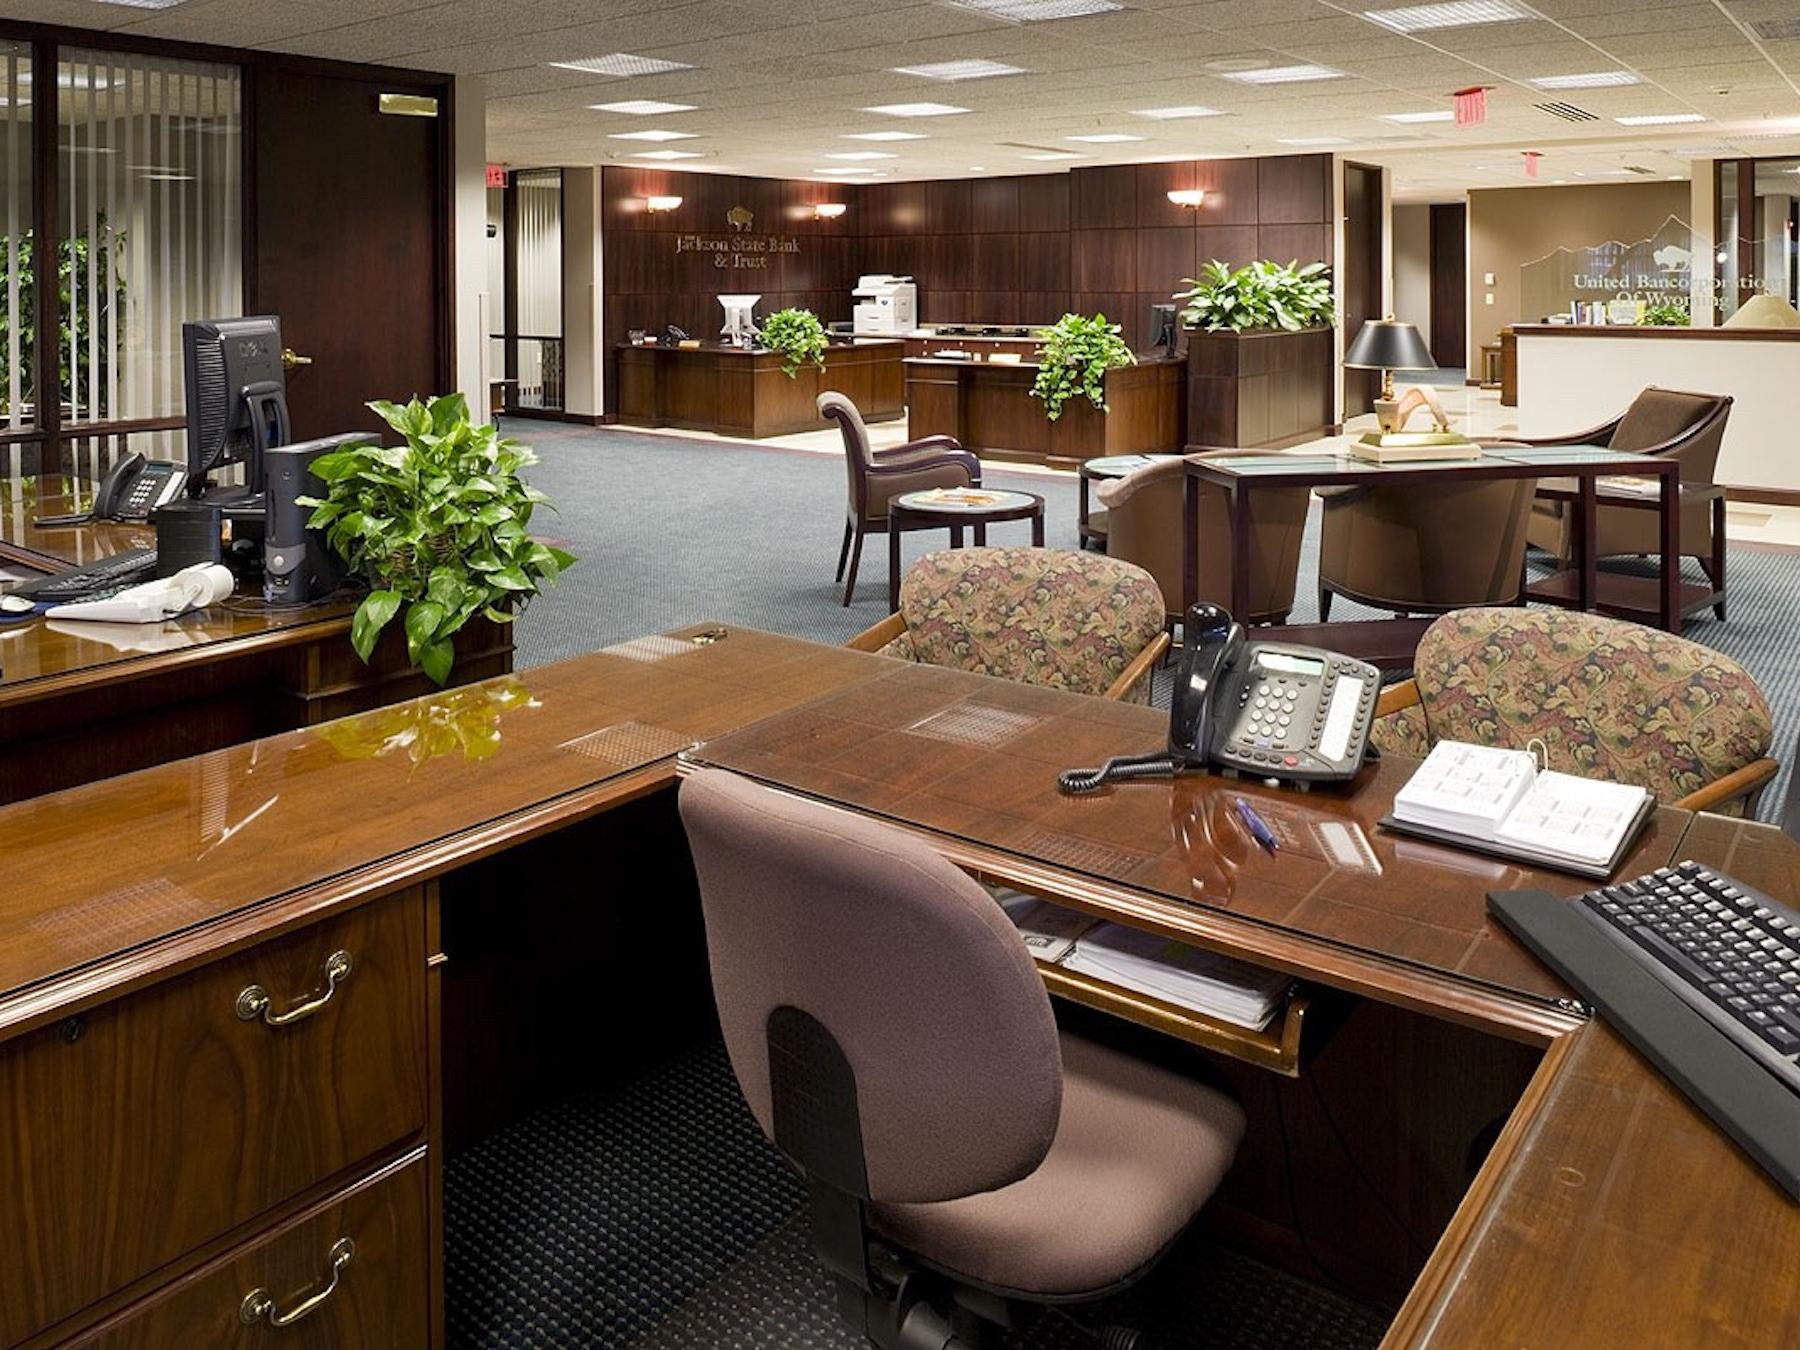 Jackson State Bank 003